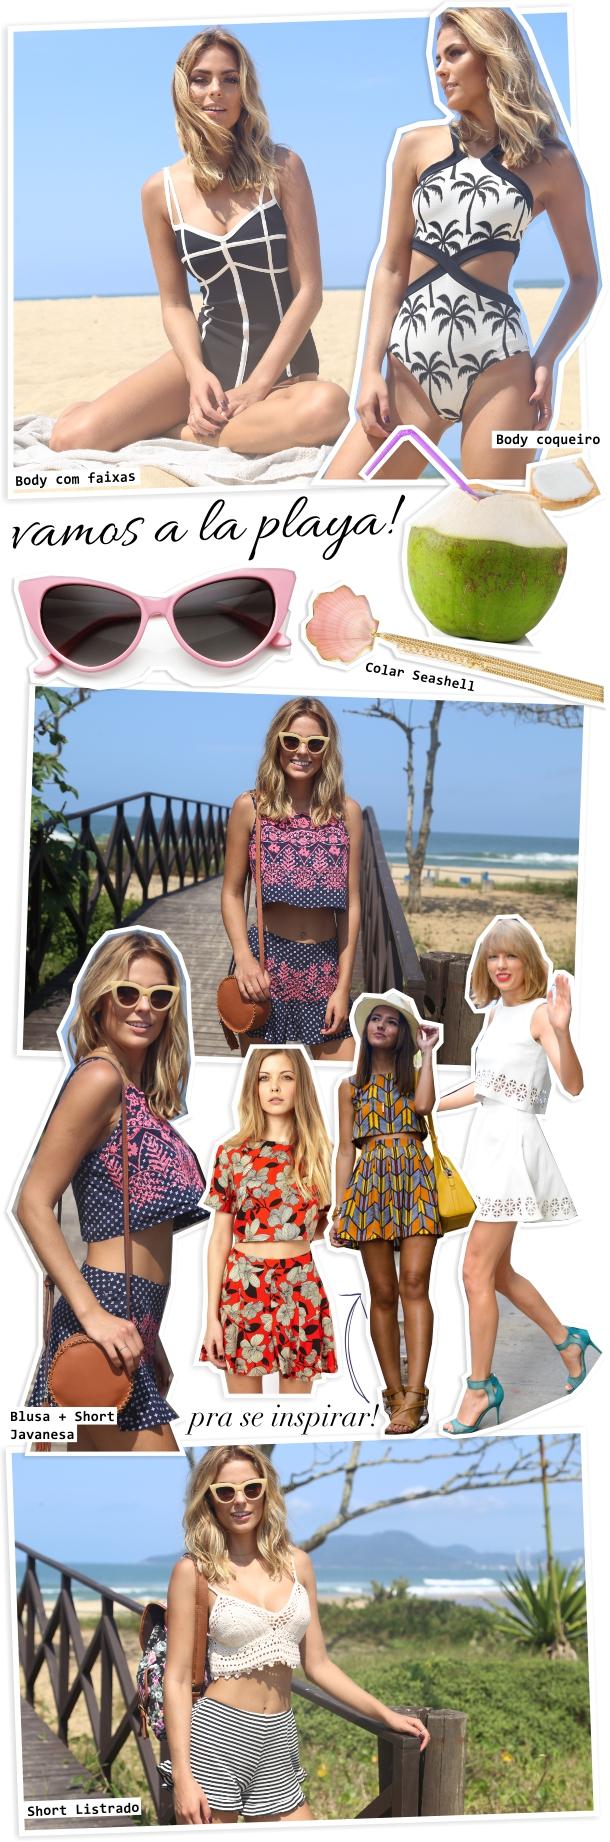 mundo-lolita-news-verão-praia-coleção